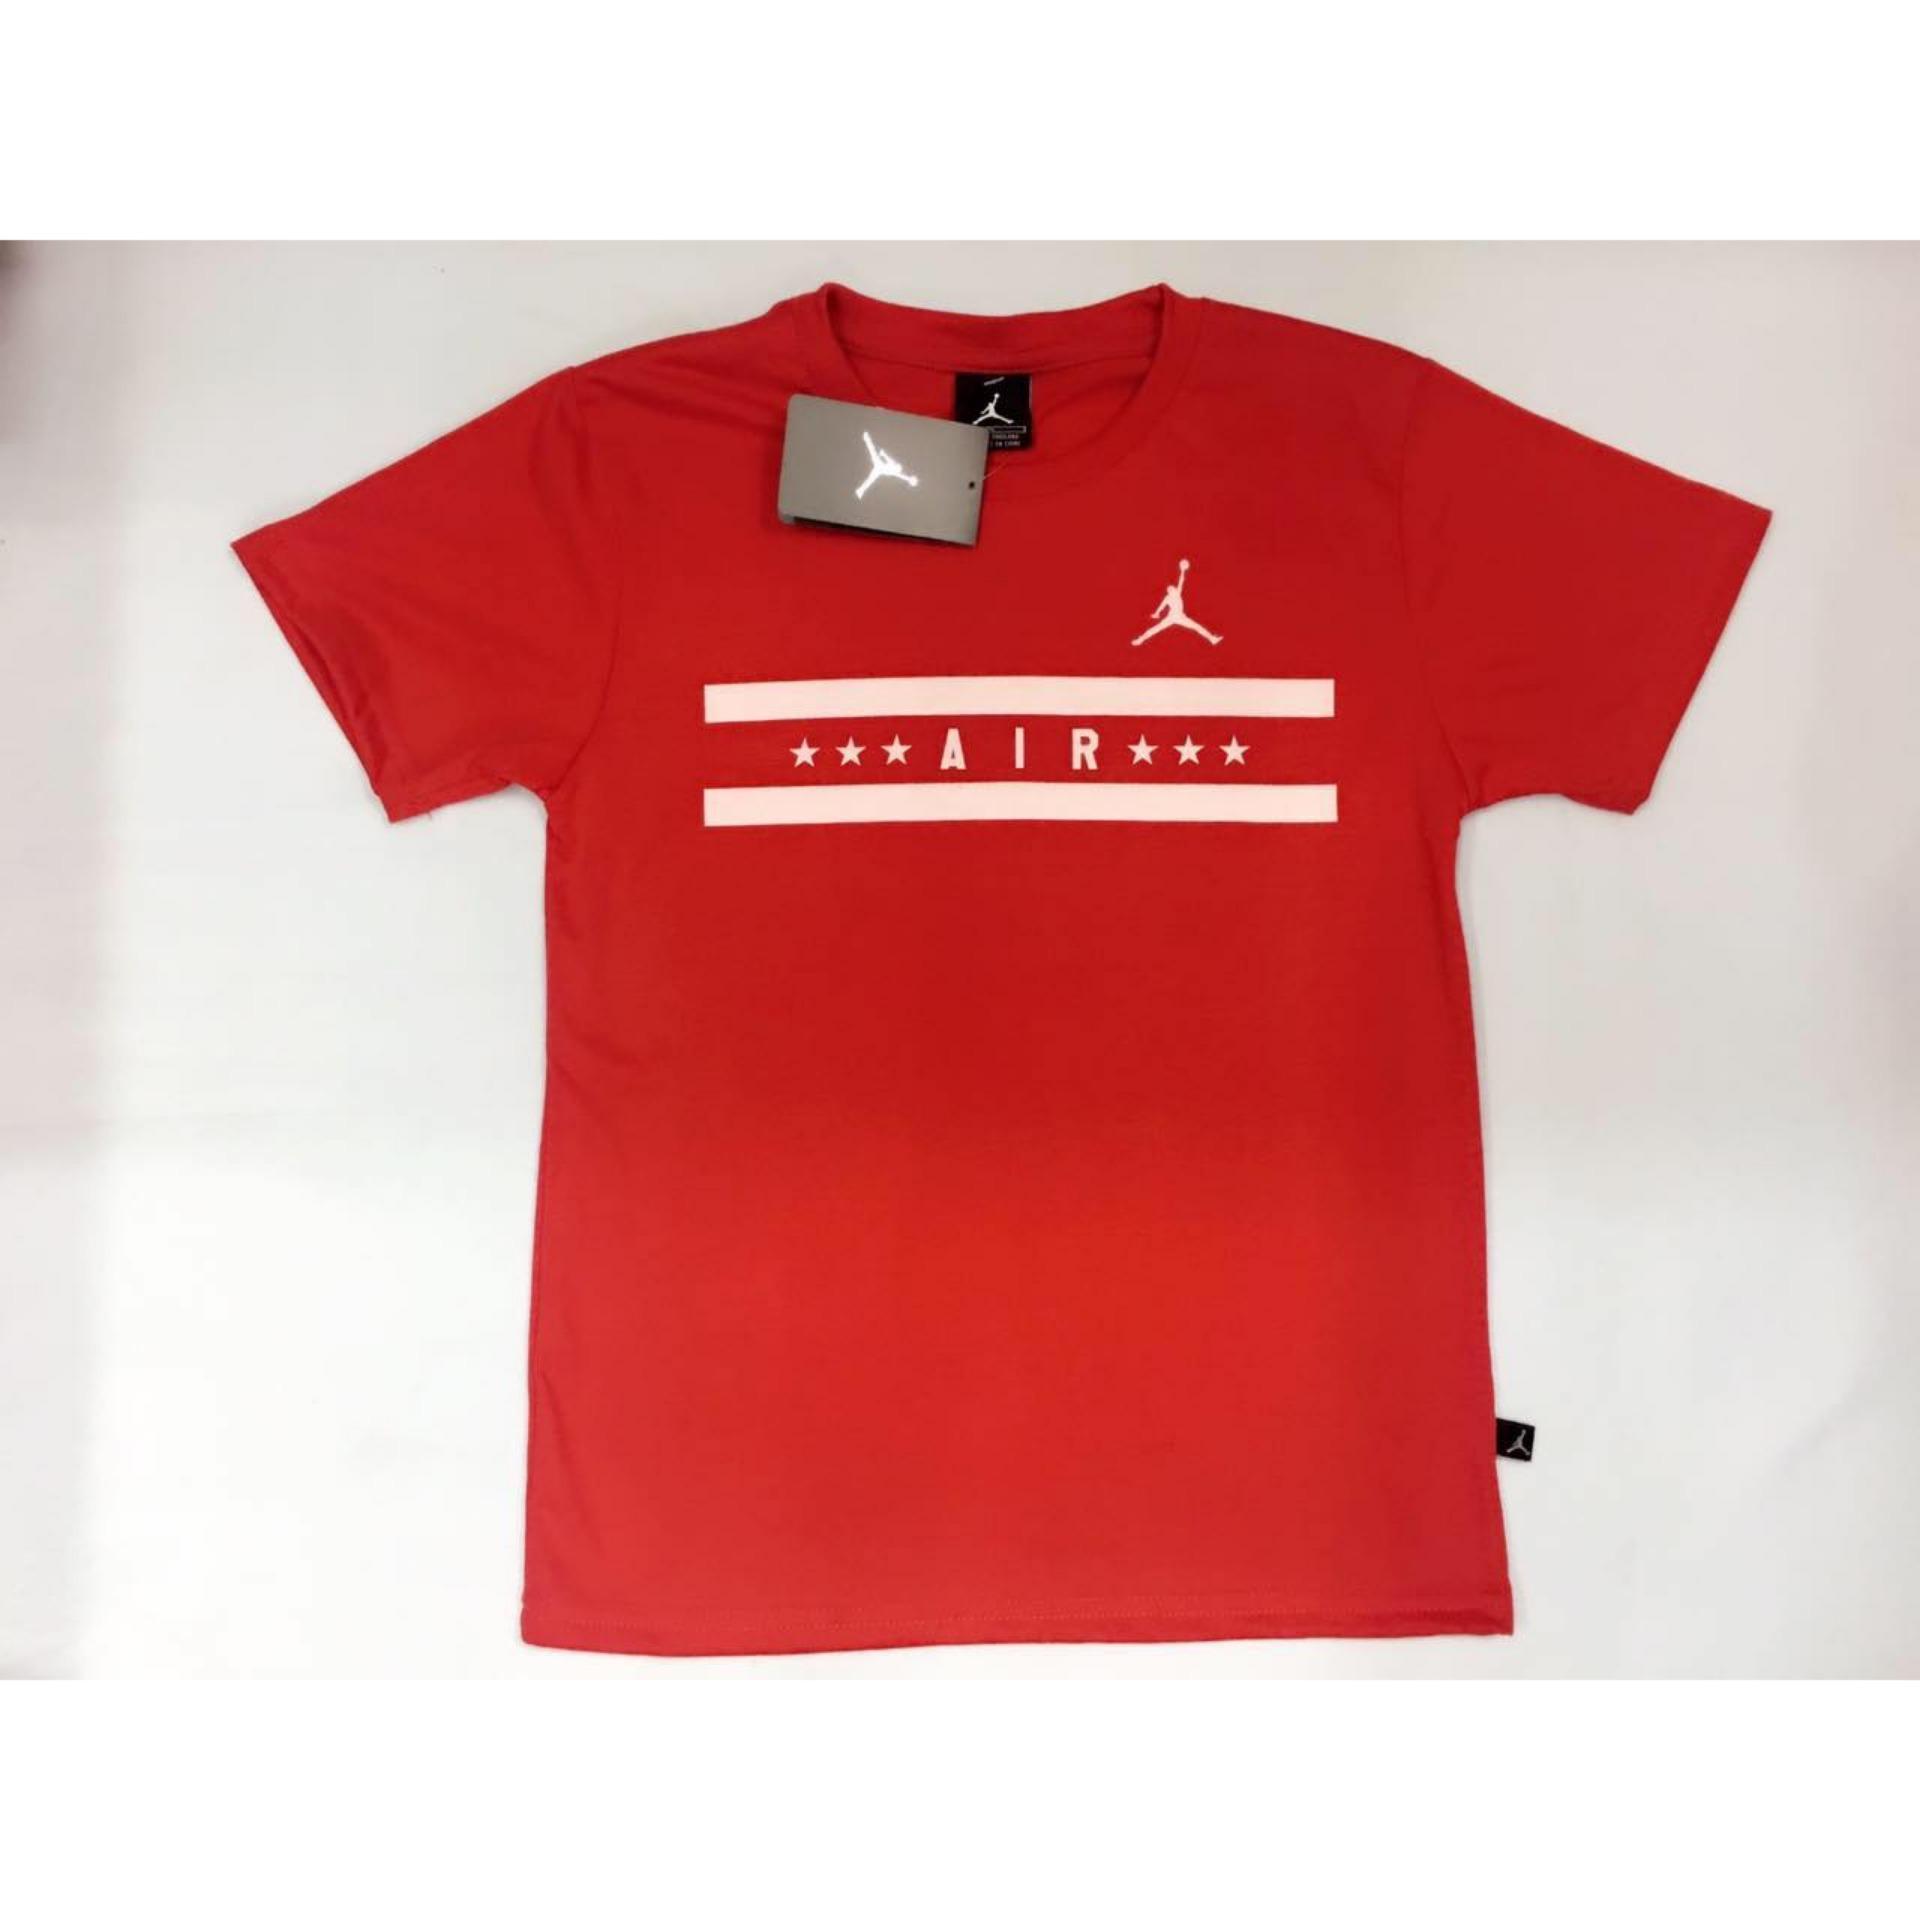 Hoops AIR Jordan #23 t-shirt Teens